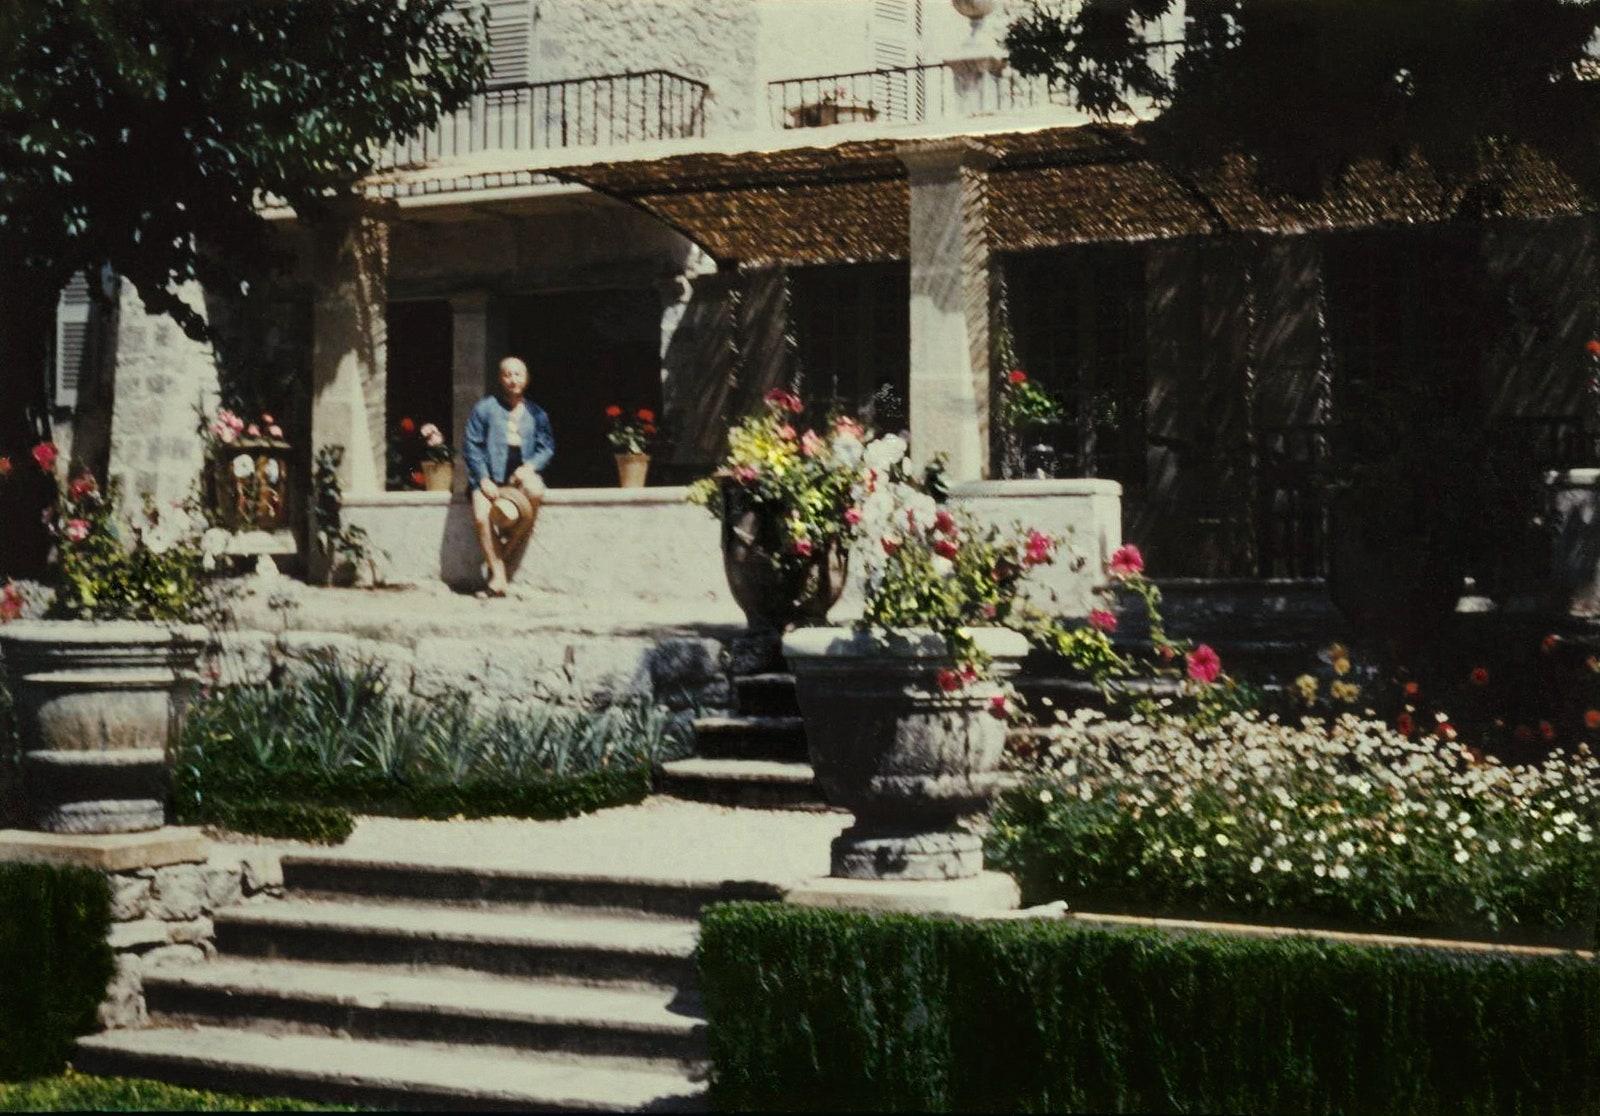 Chteau de La Colle Noire 1955 . Collection Muse Christian Dior Granville.